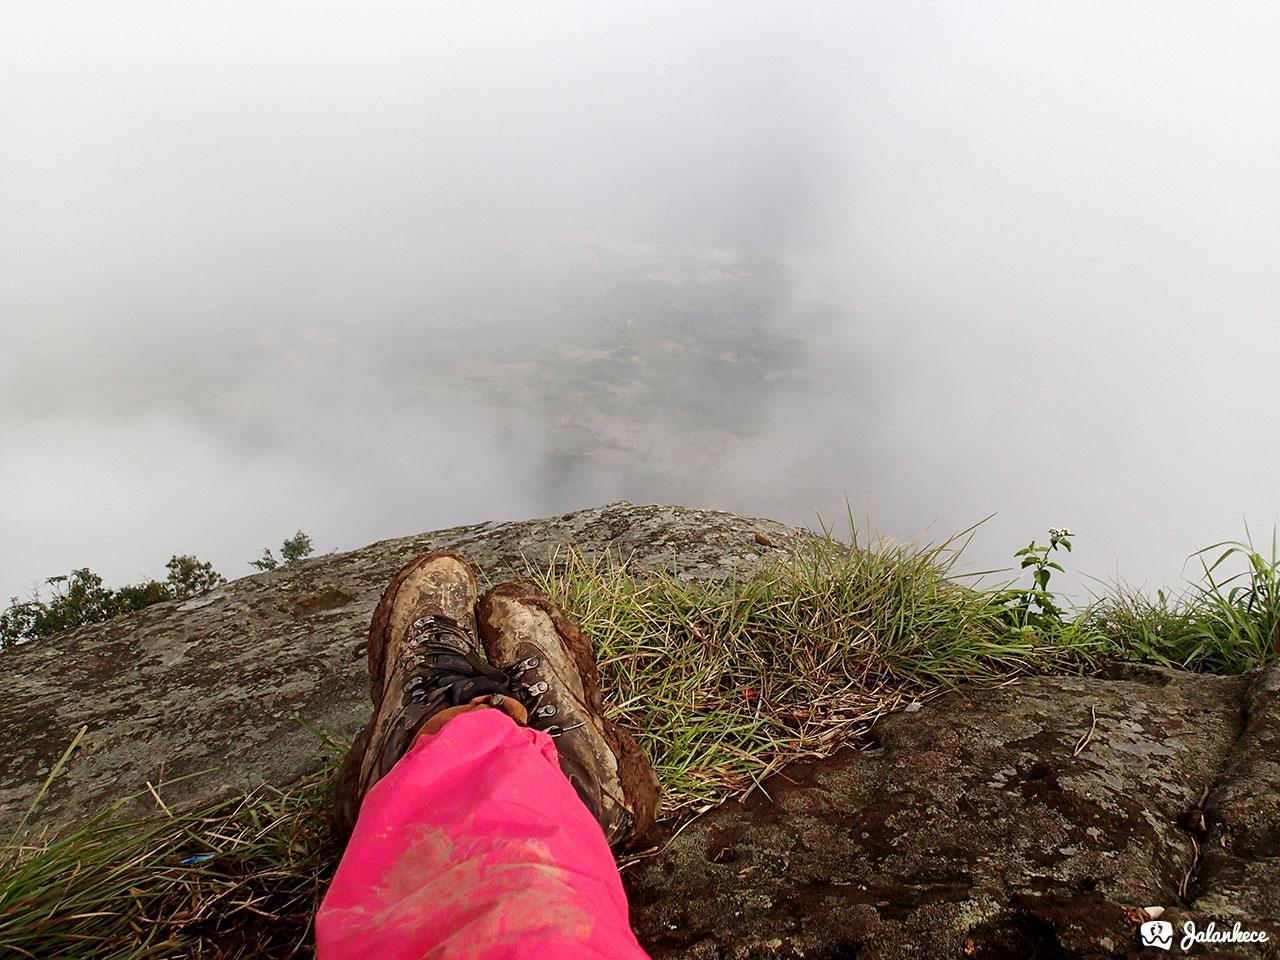 View dari batu tumpuk, gunung bongkok